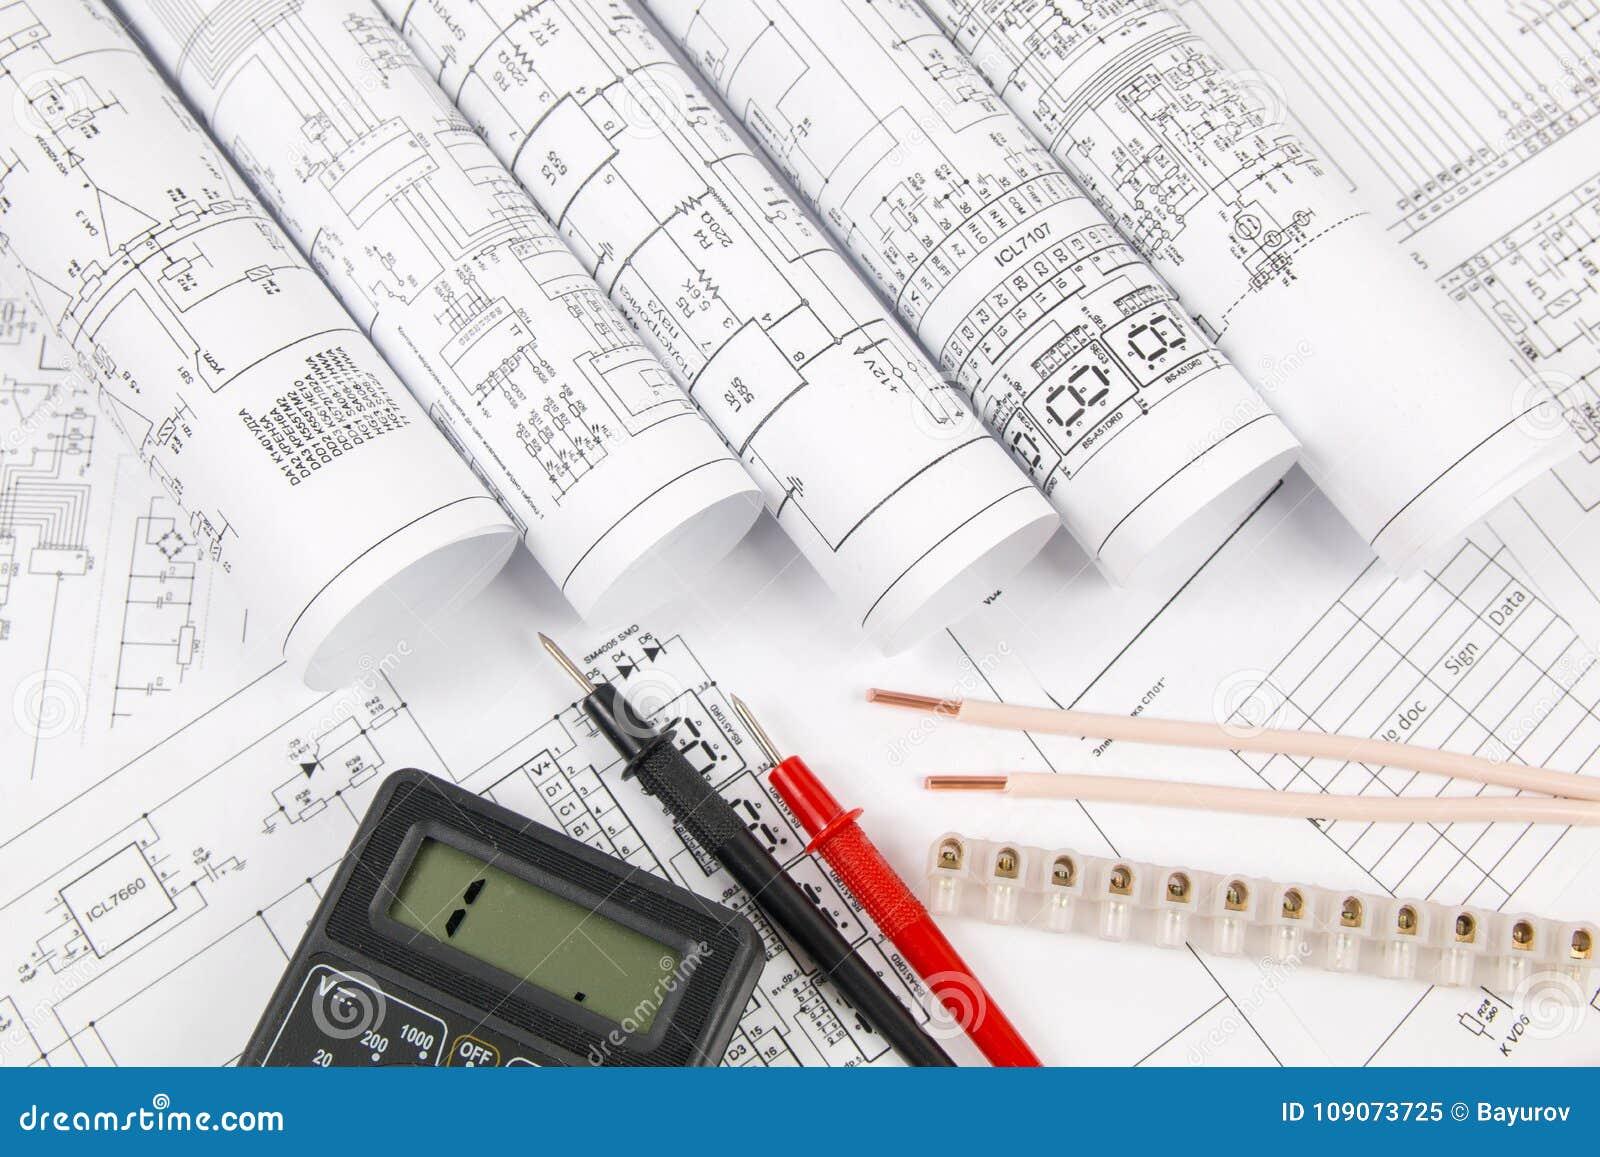 Electrical Engineering Drawings Wire Terminal And Digital Mult Voltmeter Wiring Diagram